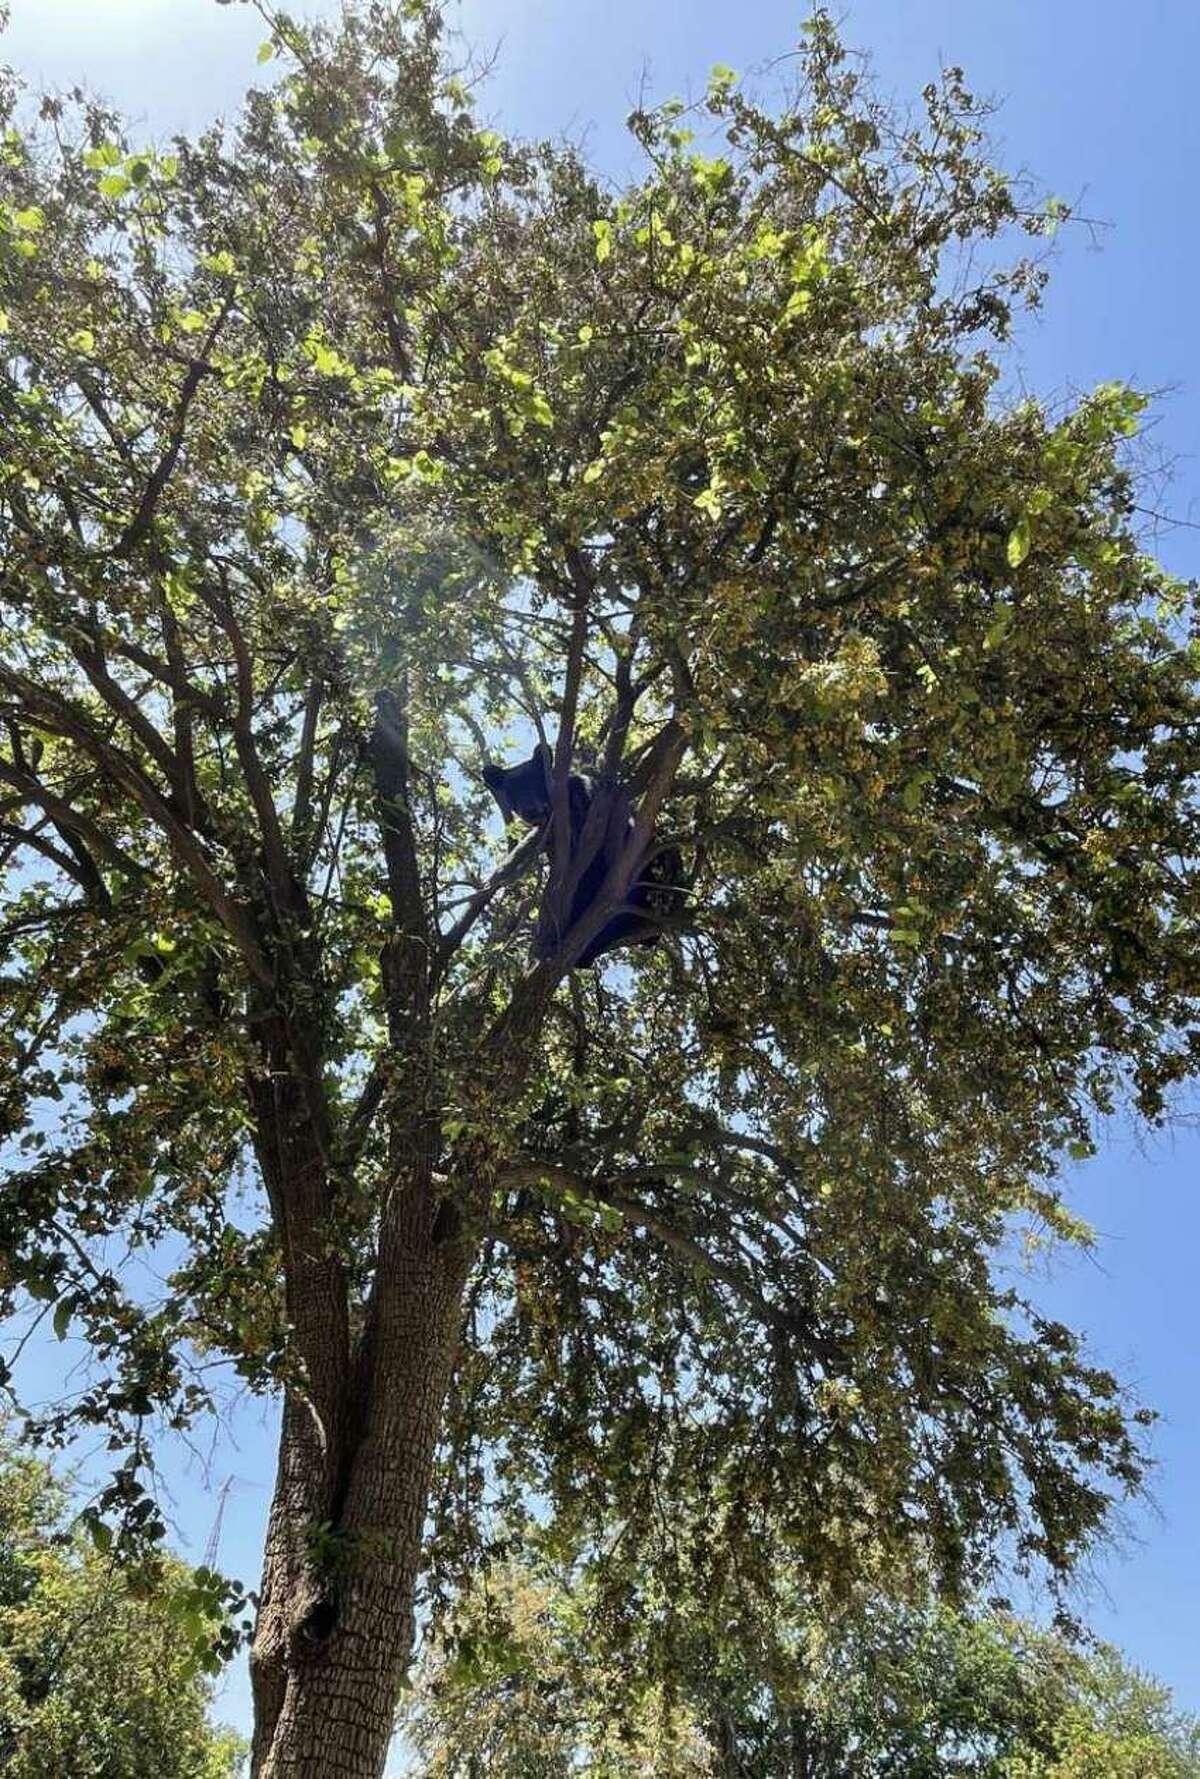 Un oso negro fue visto por agentes del sector Laredo de la Patrulla Fronteriza al norte de Laredo.